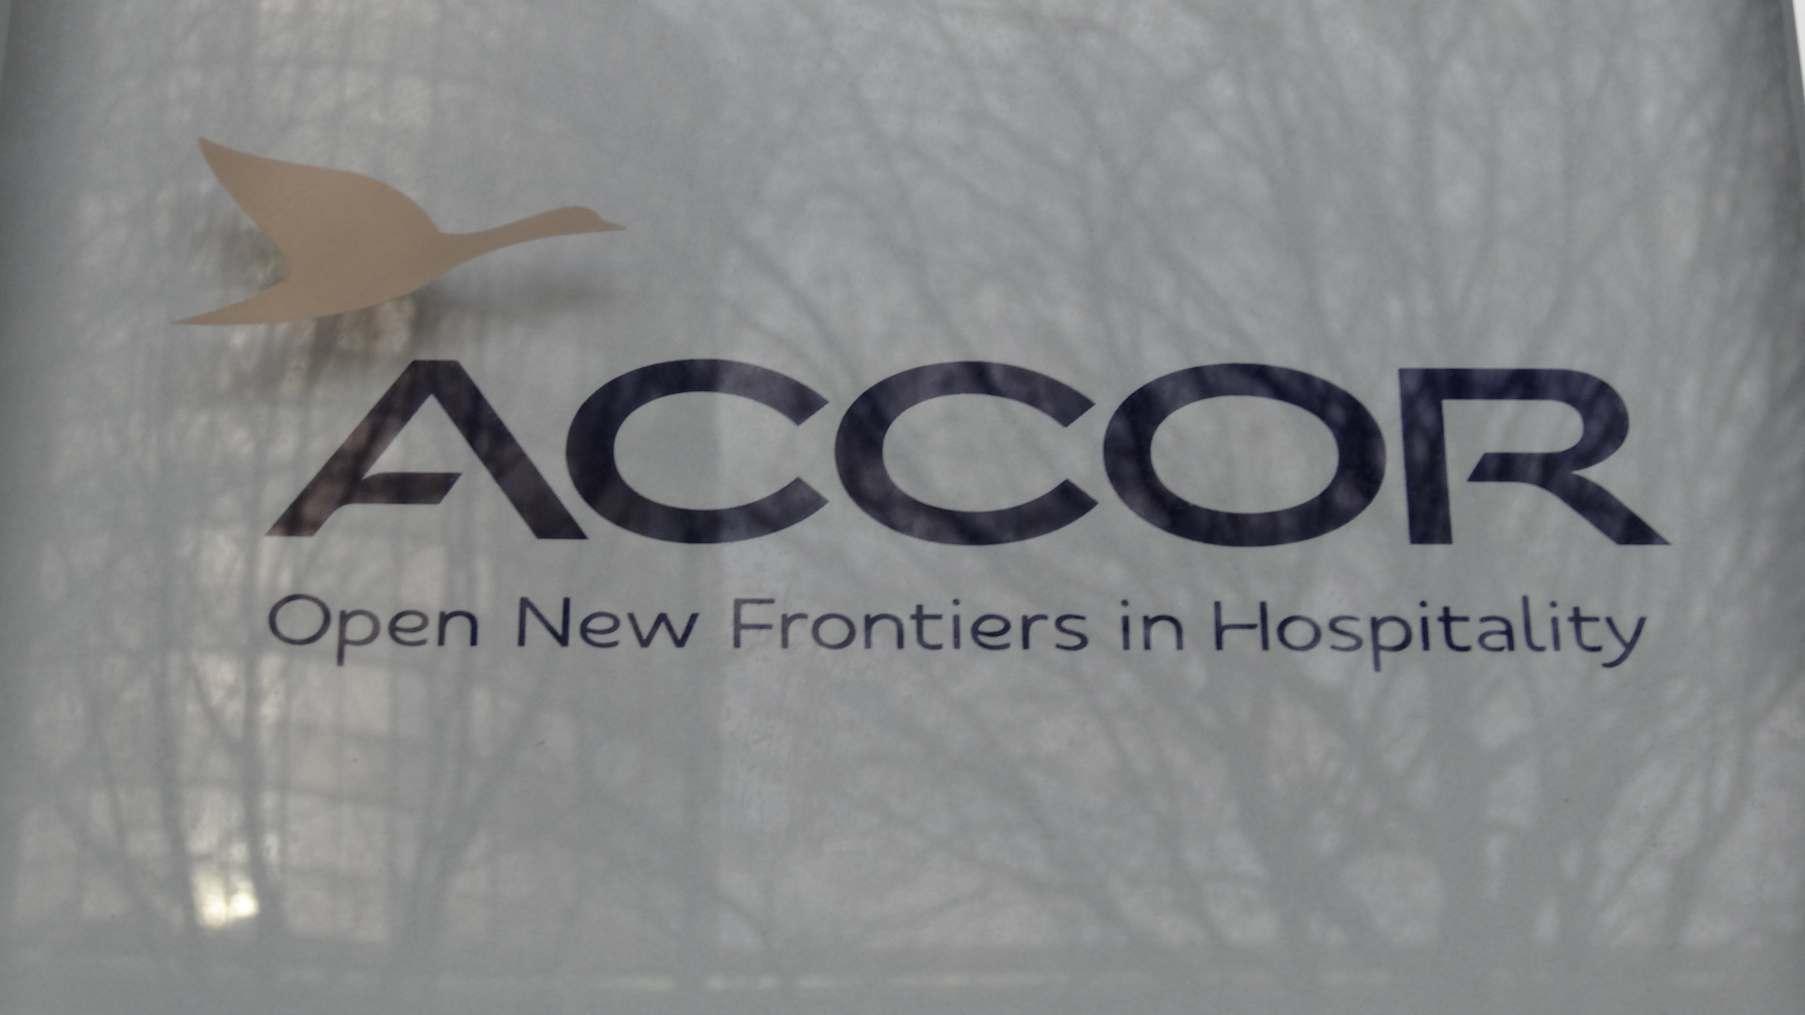 Gründung von Riise: Accor-Hotels bestärkt sein Engagement für Vielfalt und Inklusion